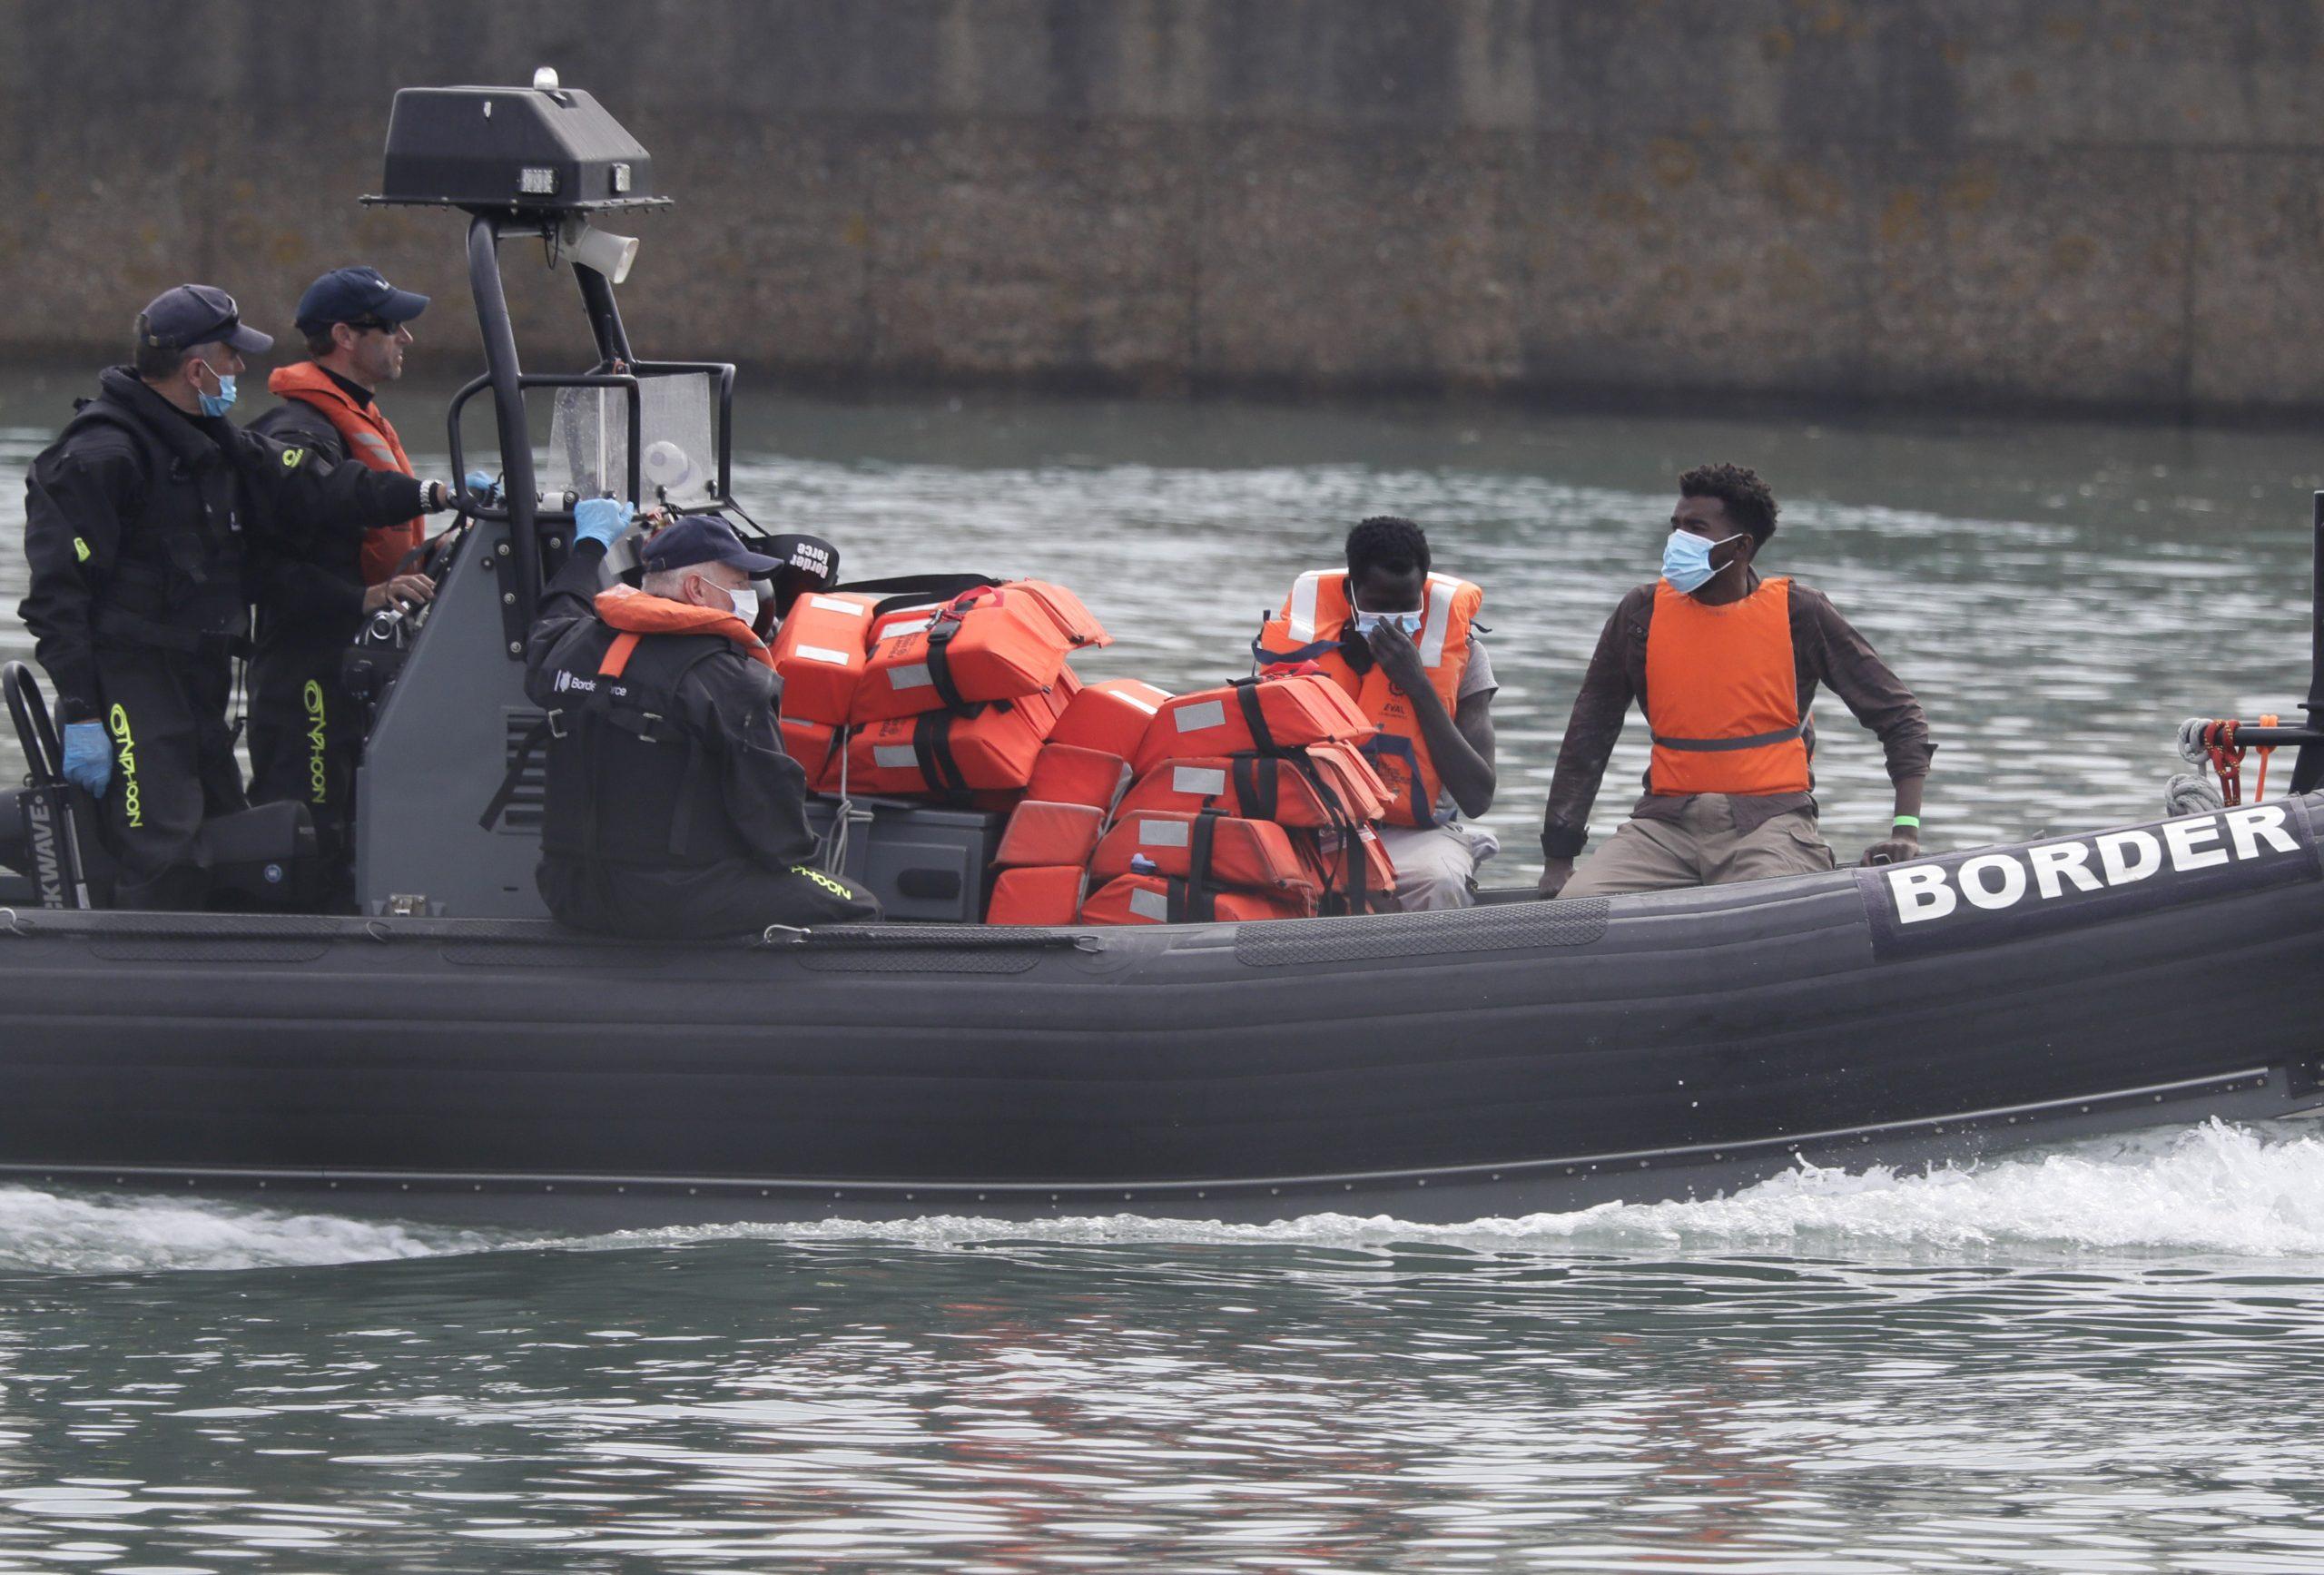 Ondata di migranti nella Manica: Londra pensa al modello australiano